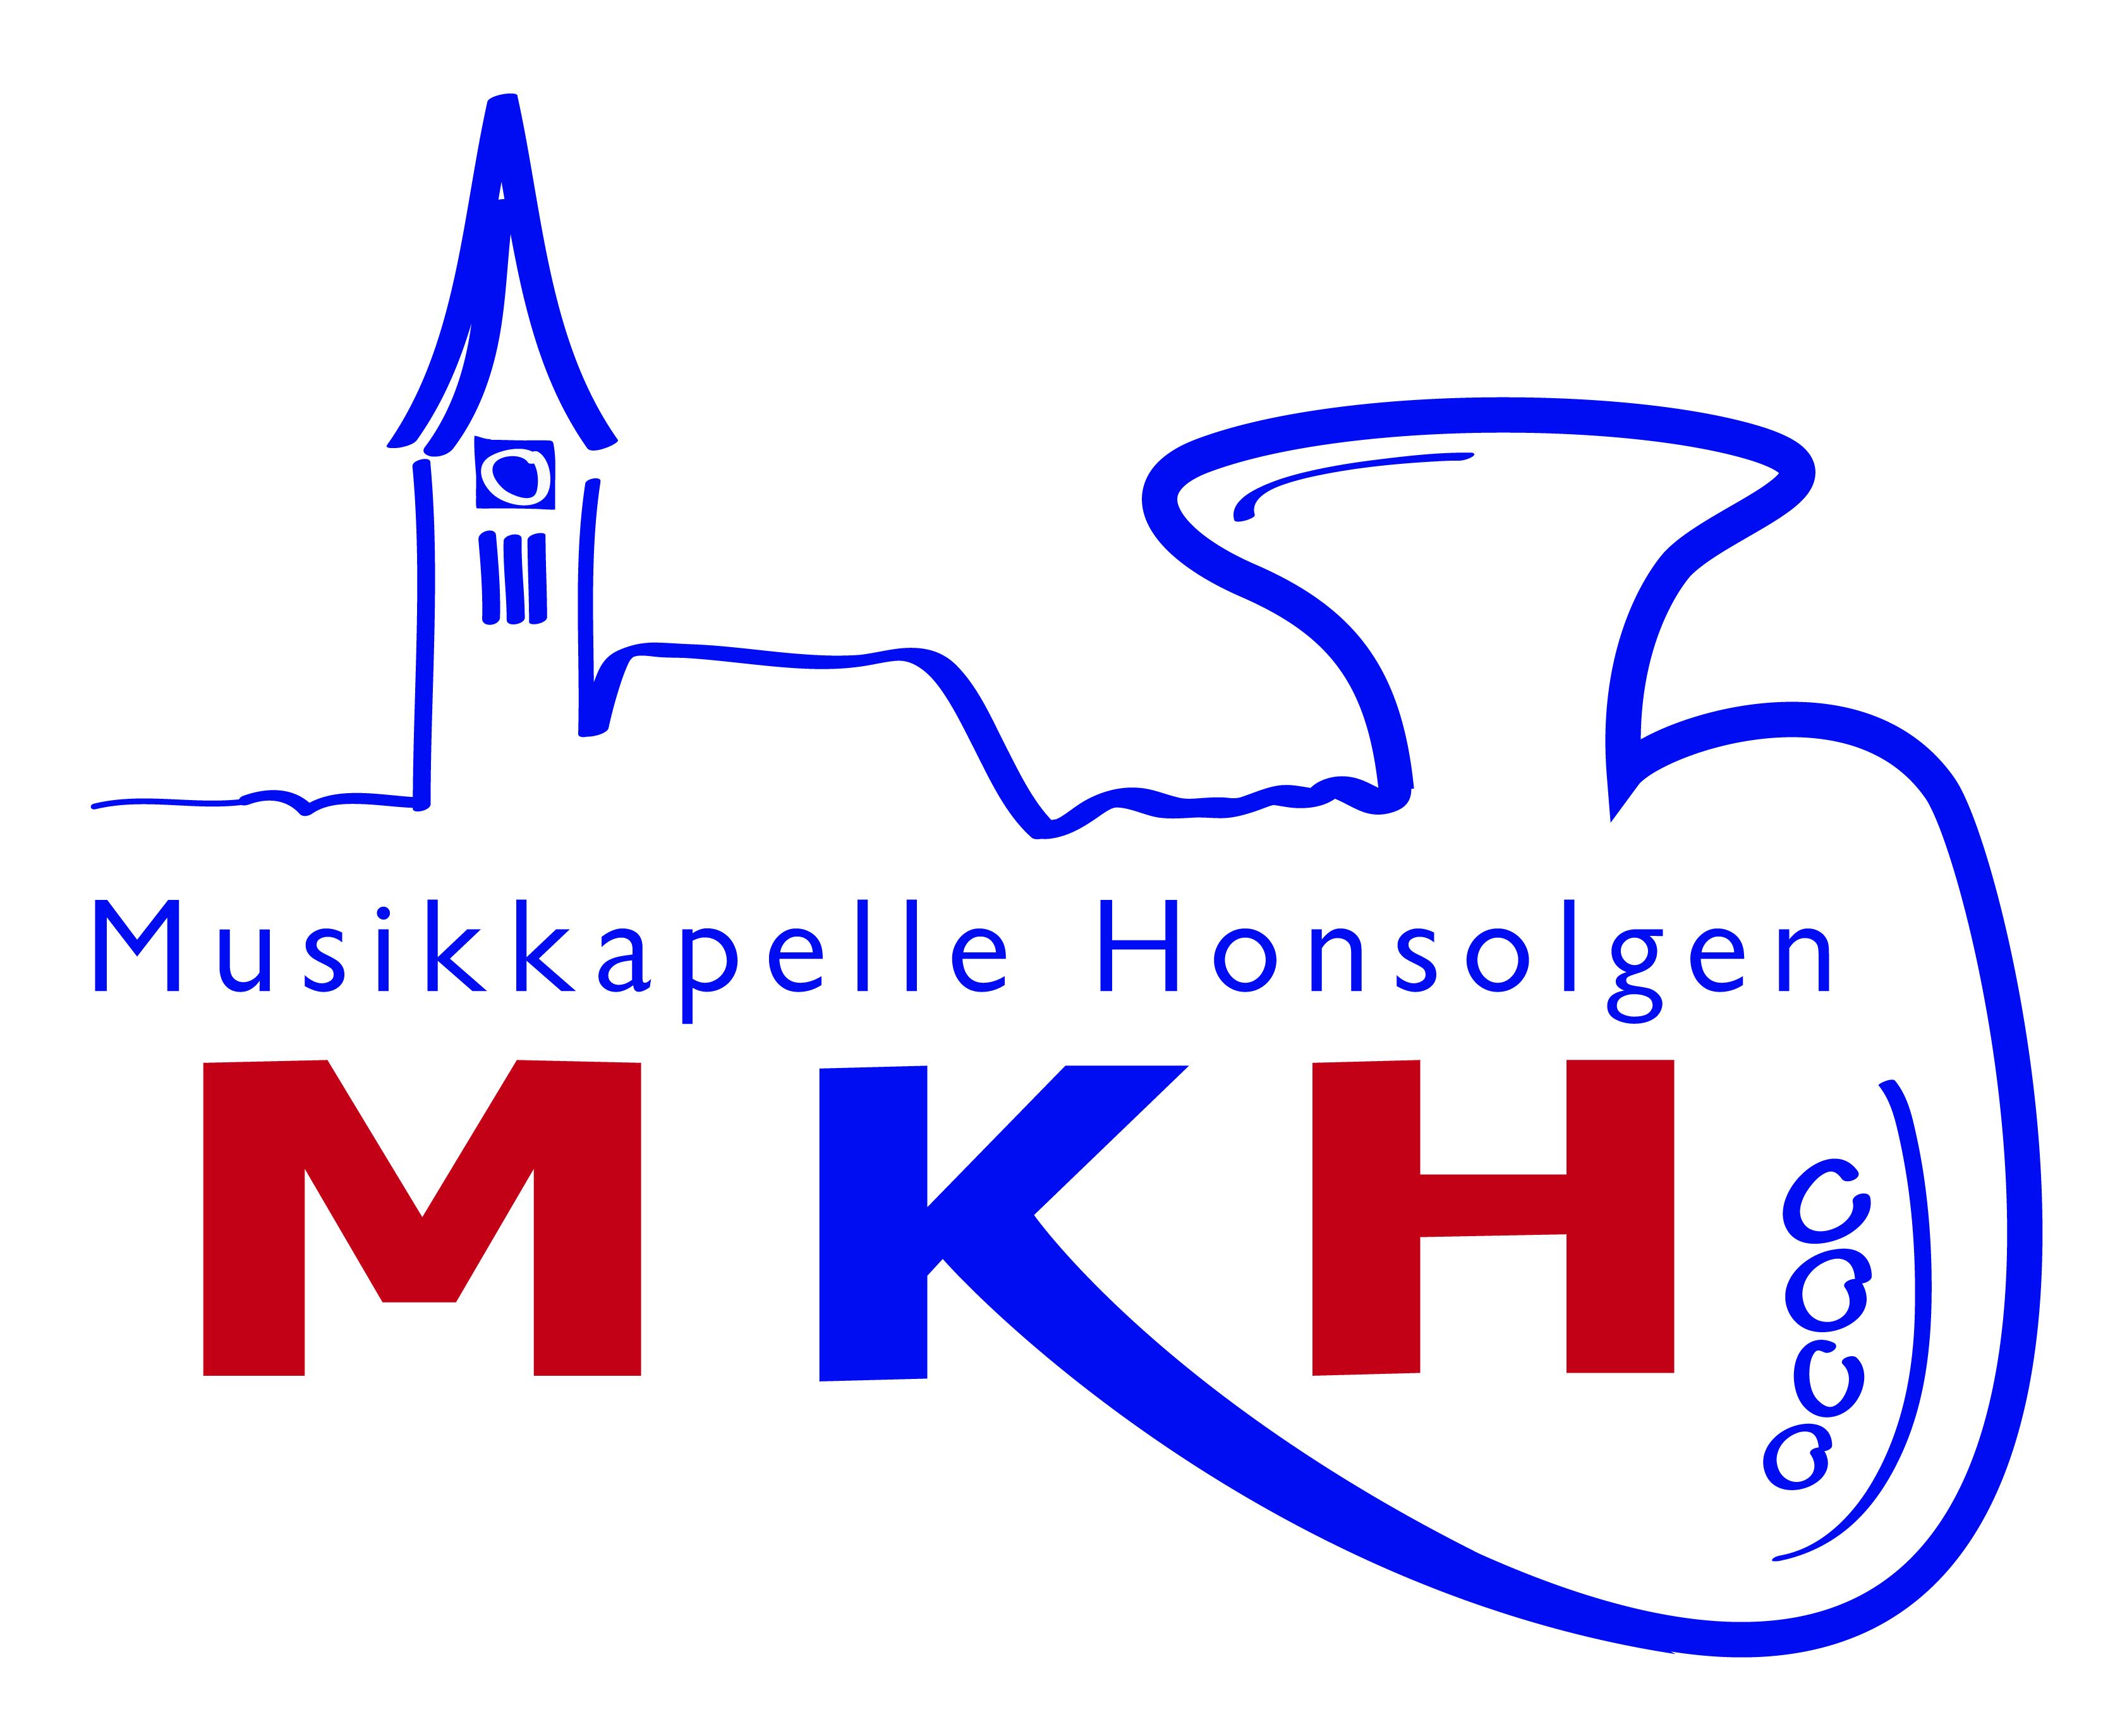 LOGO MKH Musikkapelle Honsolgen LOGO